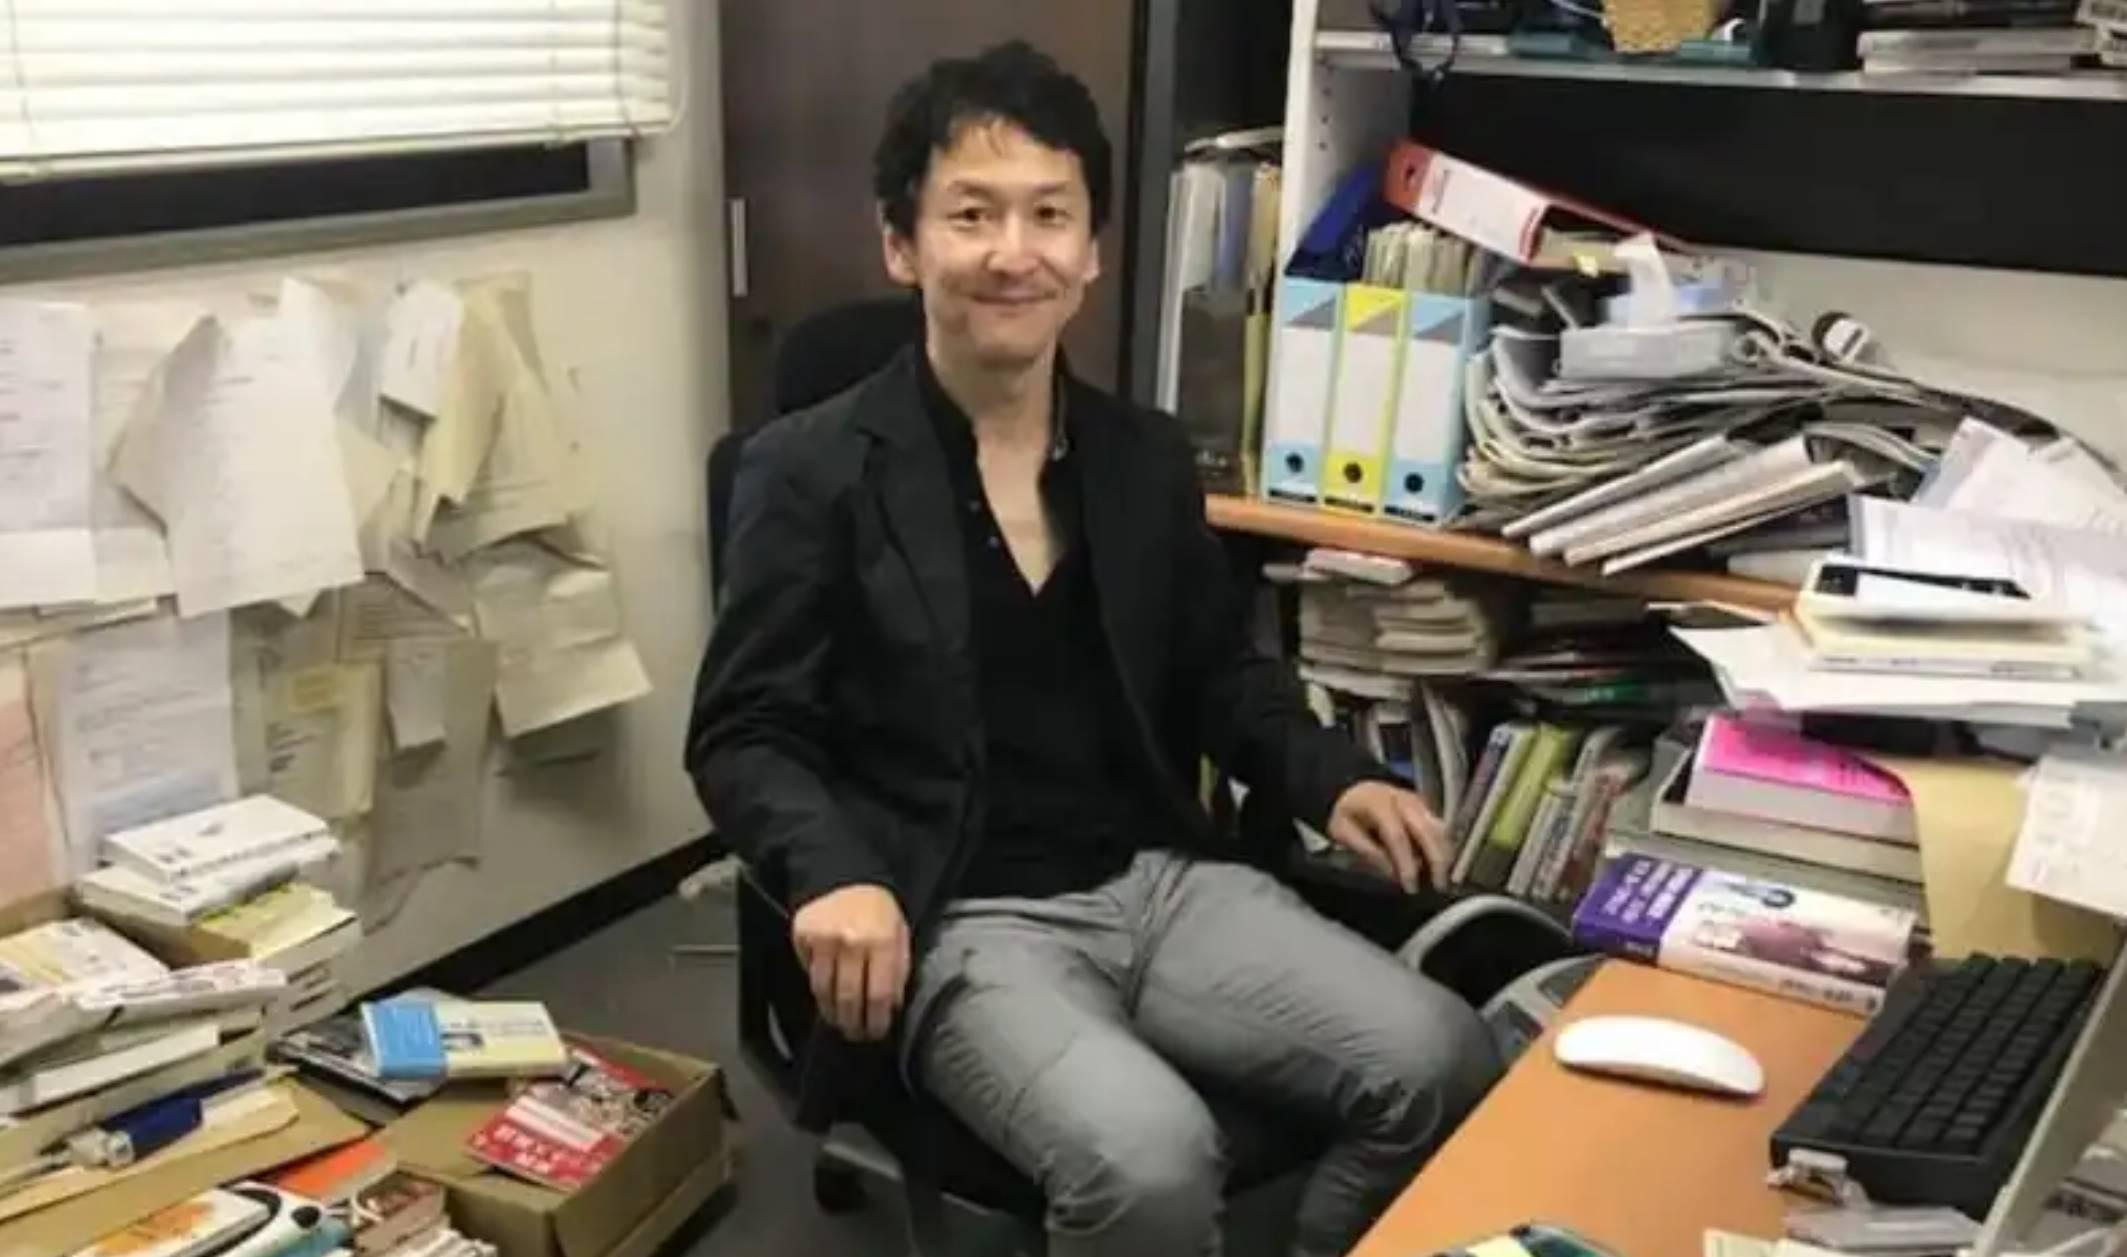 岩田健太郎の経歴や高校